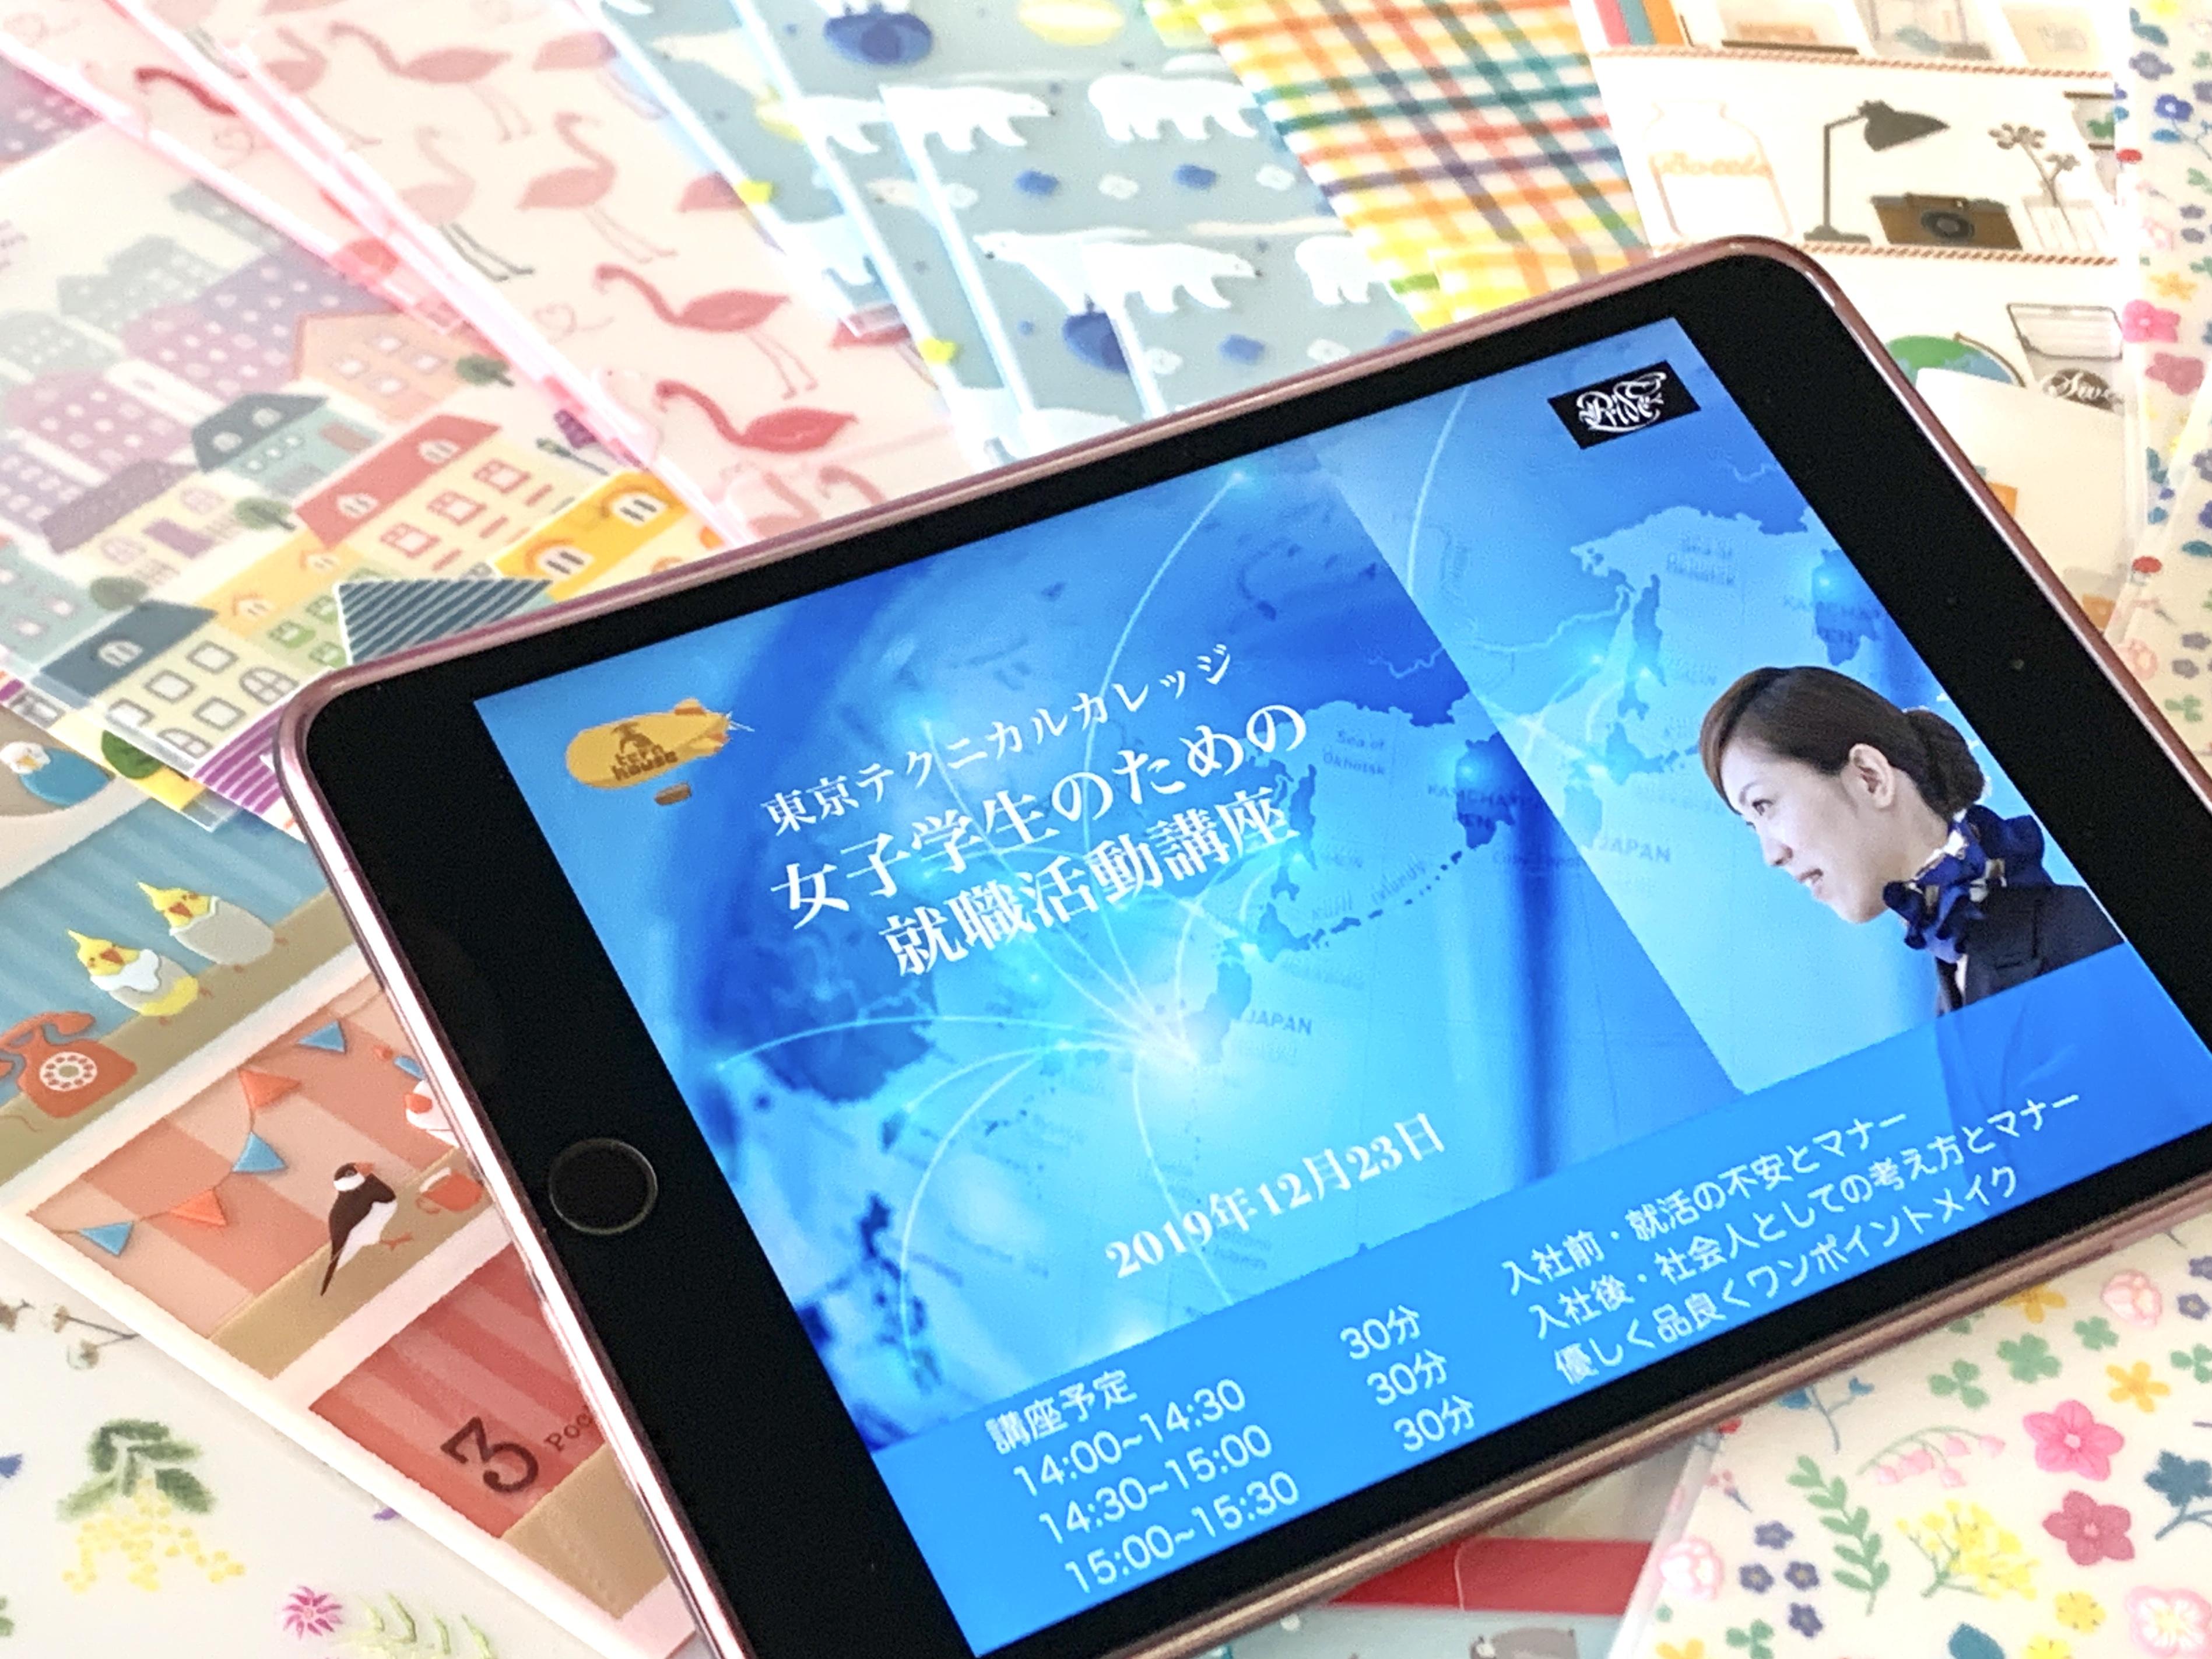 「2019女子学生のための就活講座」at 東京テクニカルカレッジ